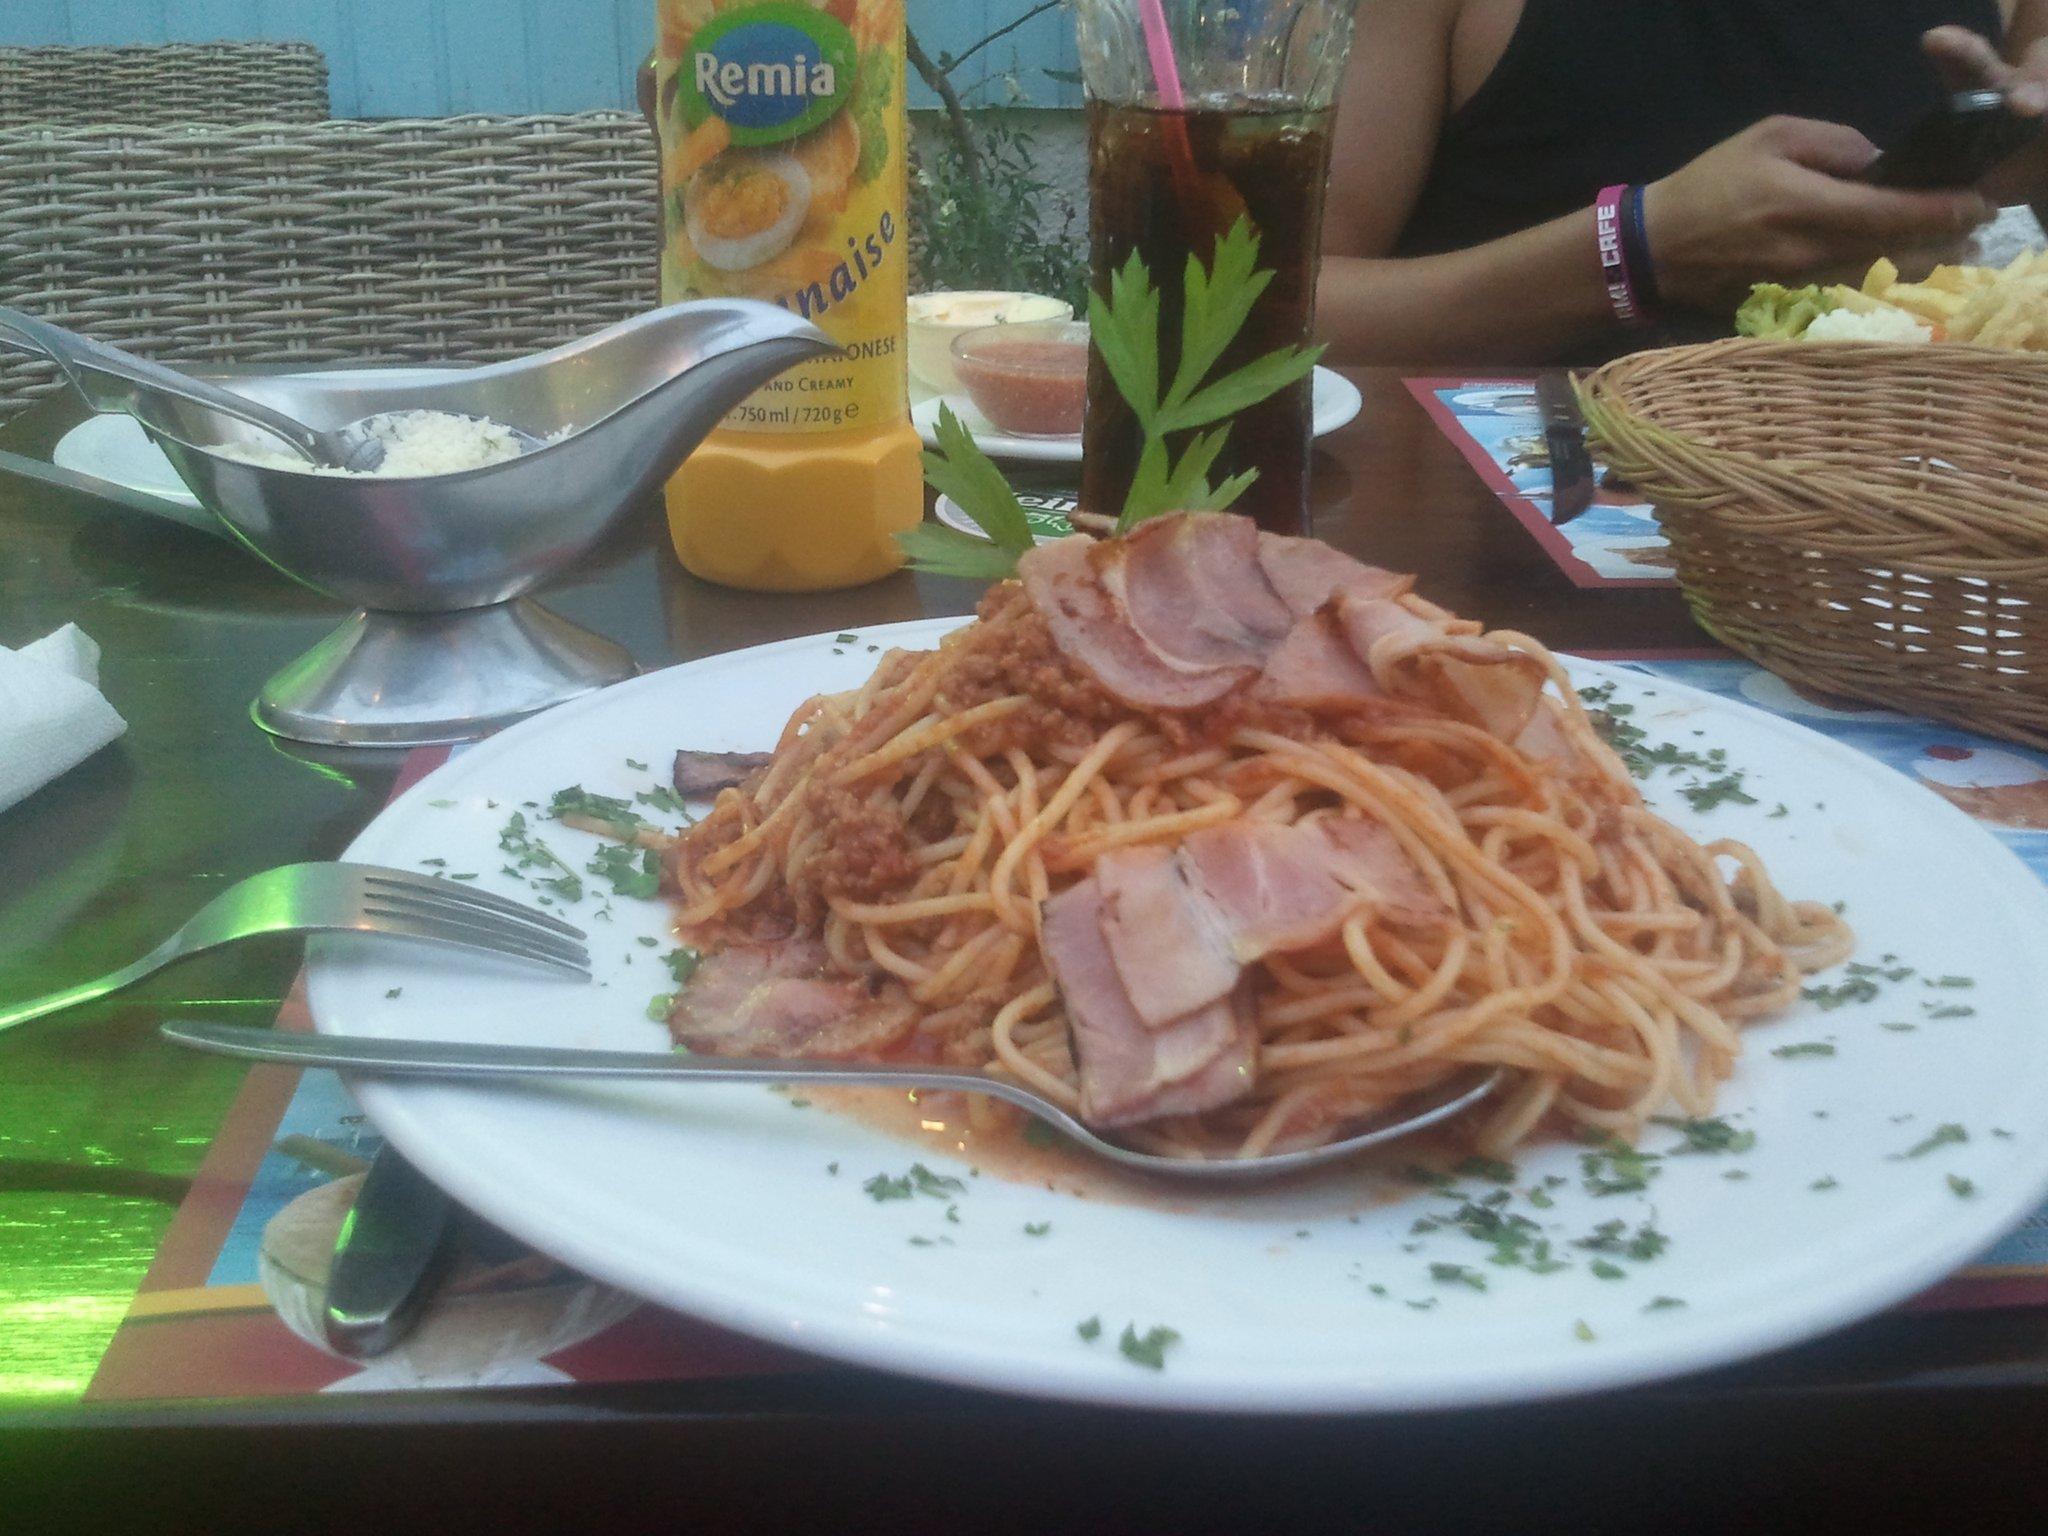 Dit is pas een bord spaghetti! Eet smakelijk. #griekenland http://t.co/ow3xrIjW